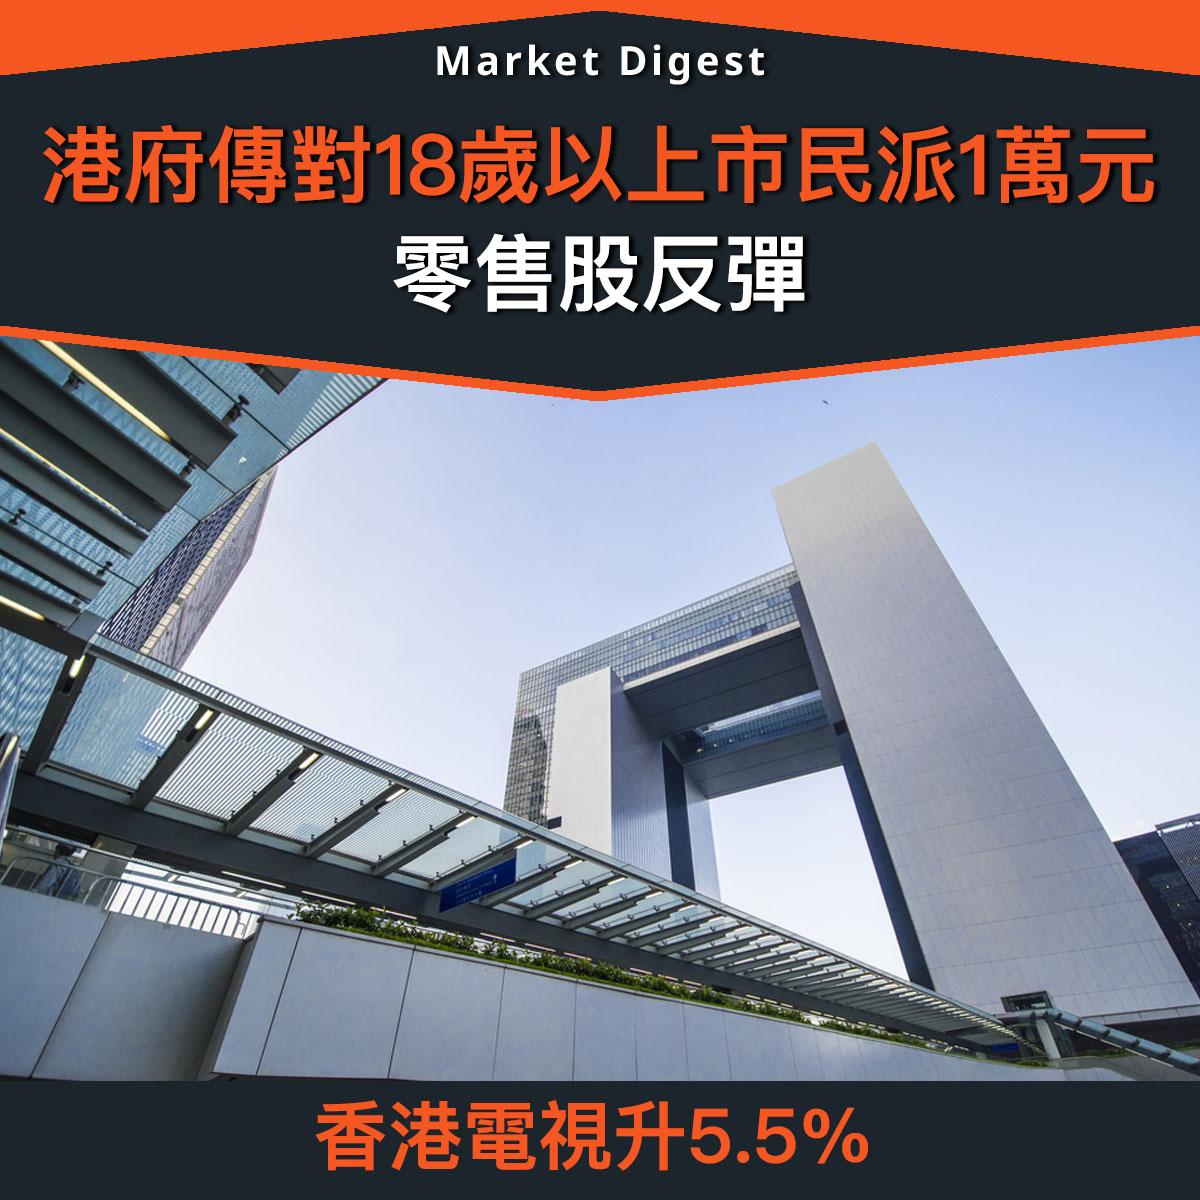 【市場熱話】港府傳對18歲以上市民派1萬元,零售股反彈